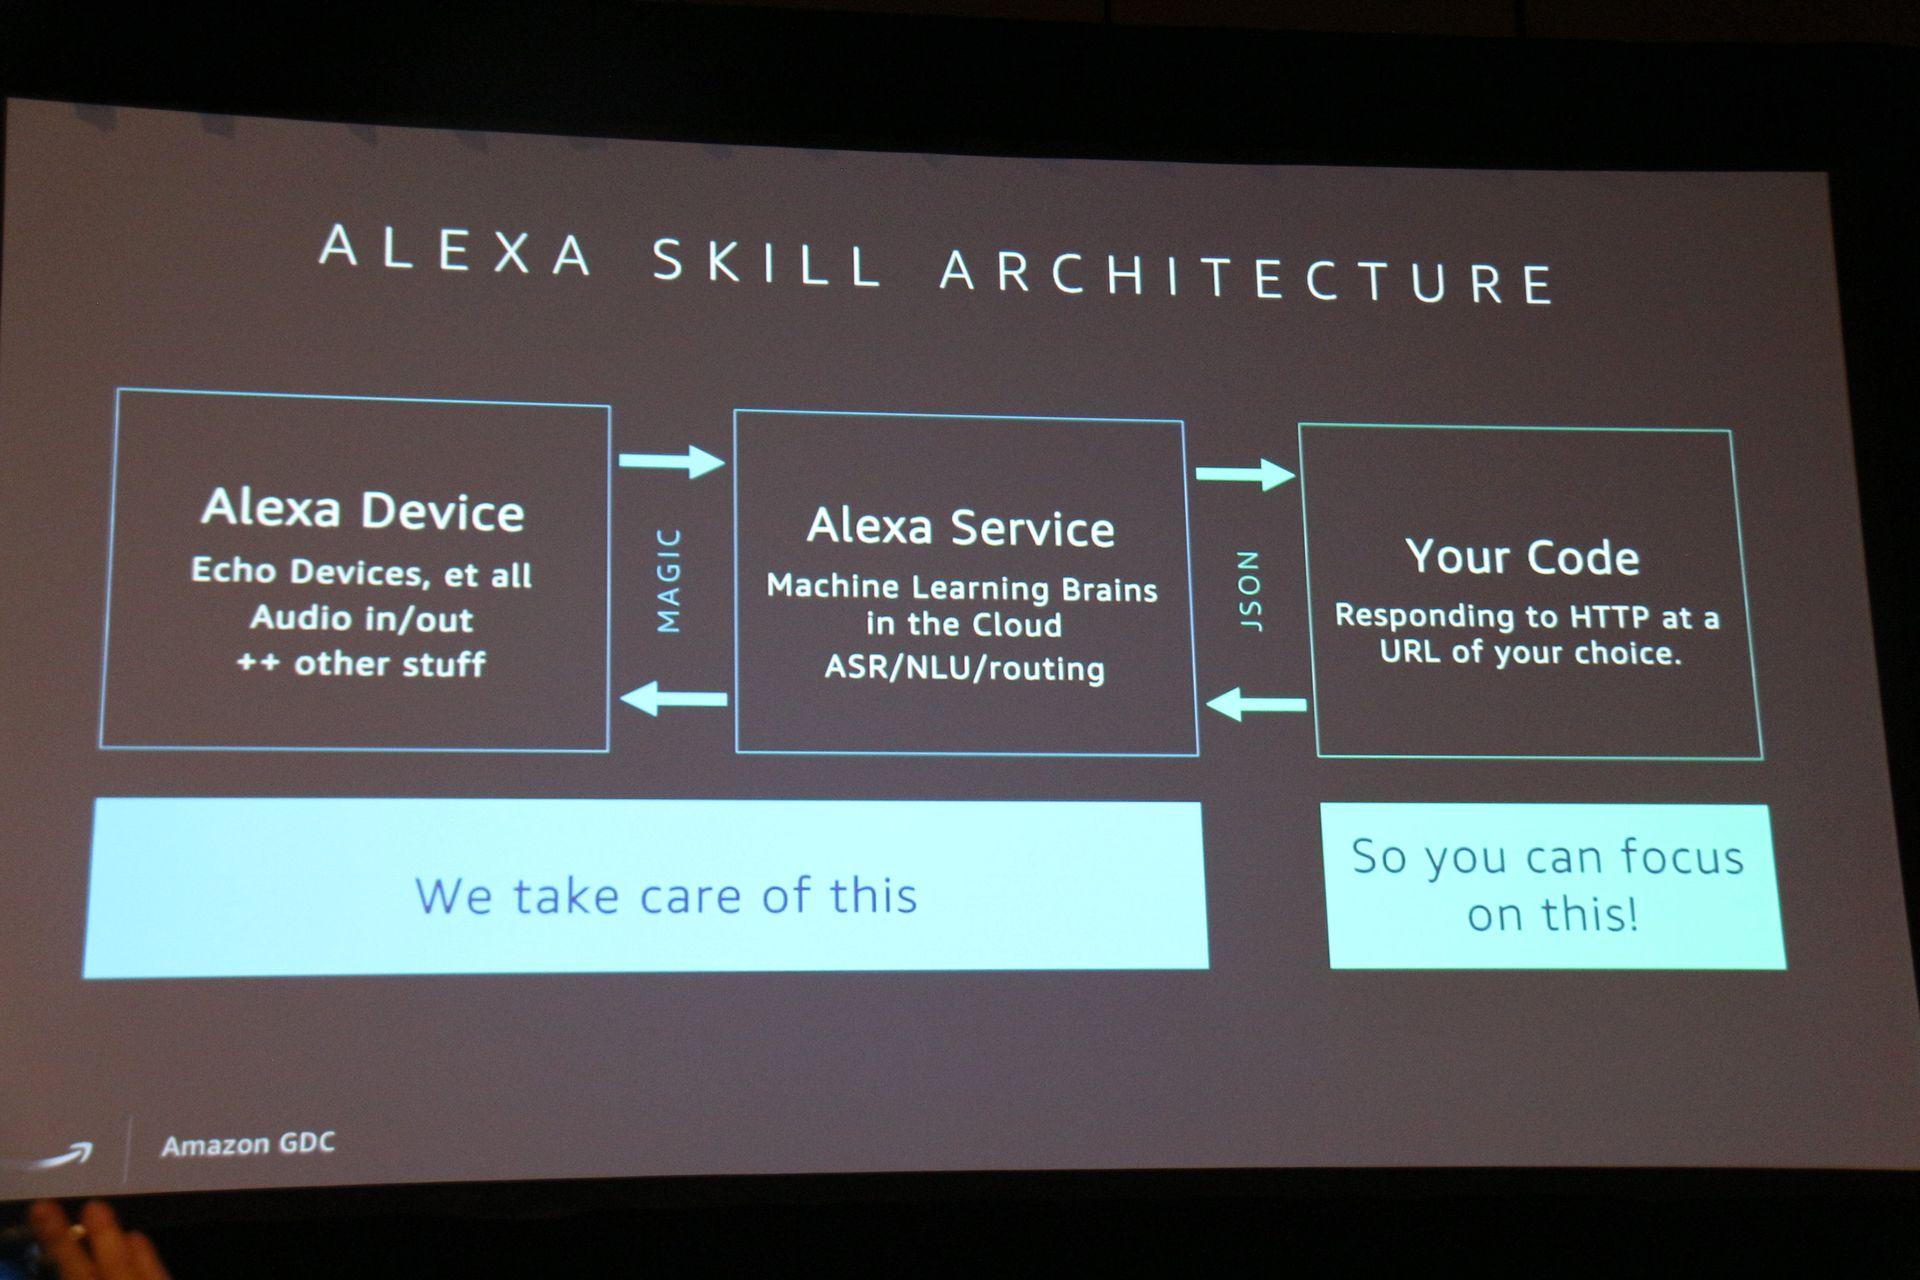 デベロッパーは、Alexaのサービスを活用しながらスキルのコードを書いていく